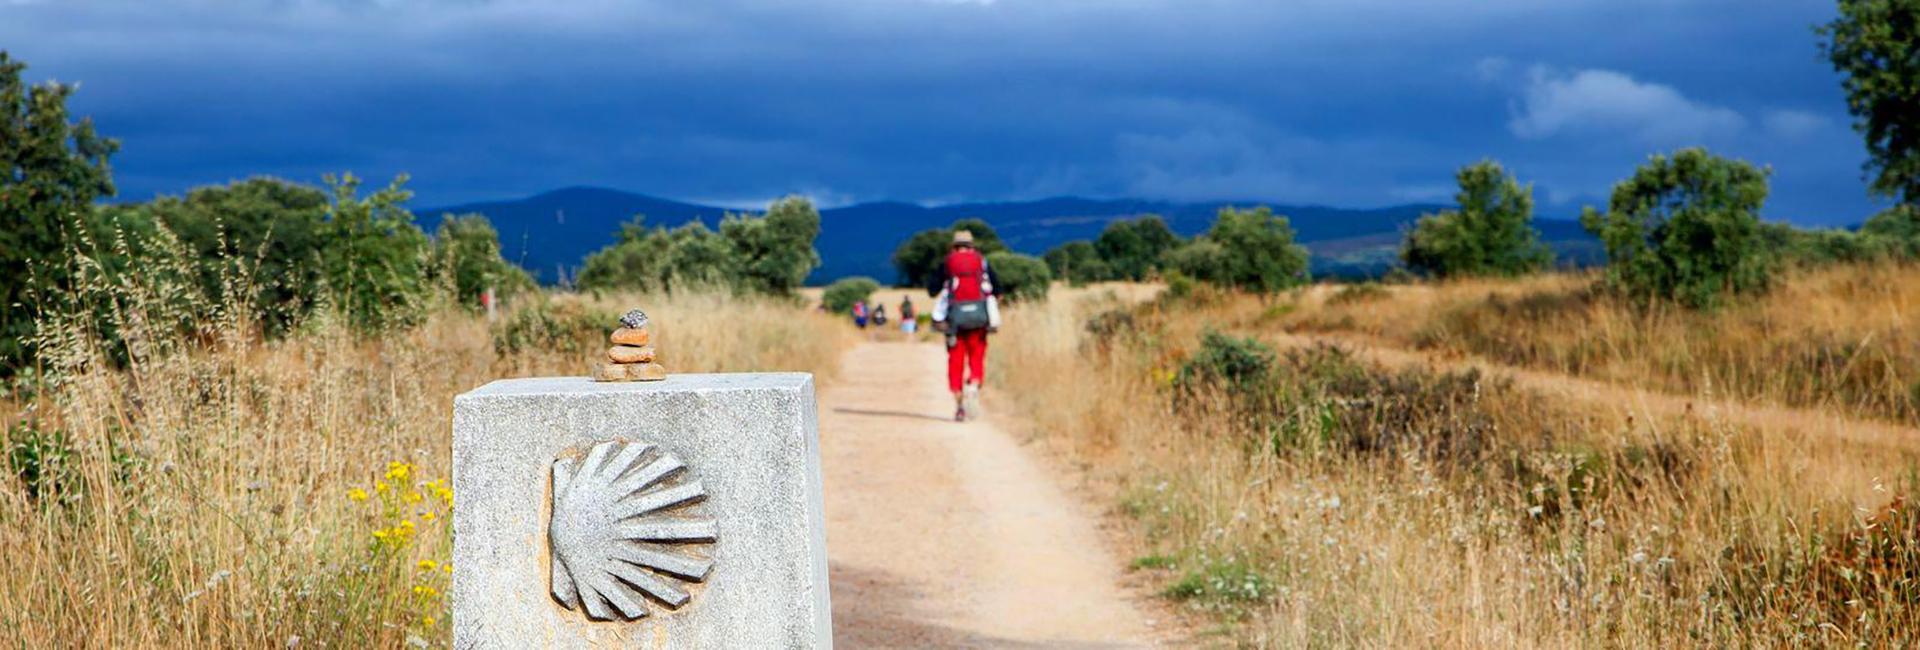 На Край Земли по Камино Францес. Испания.